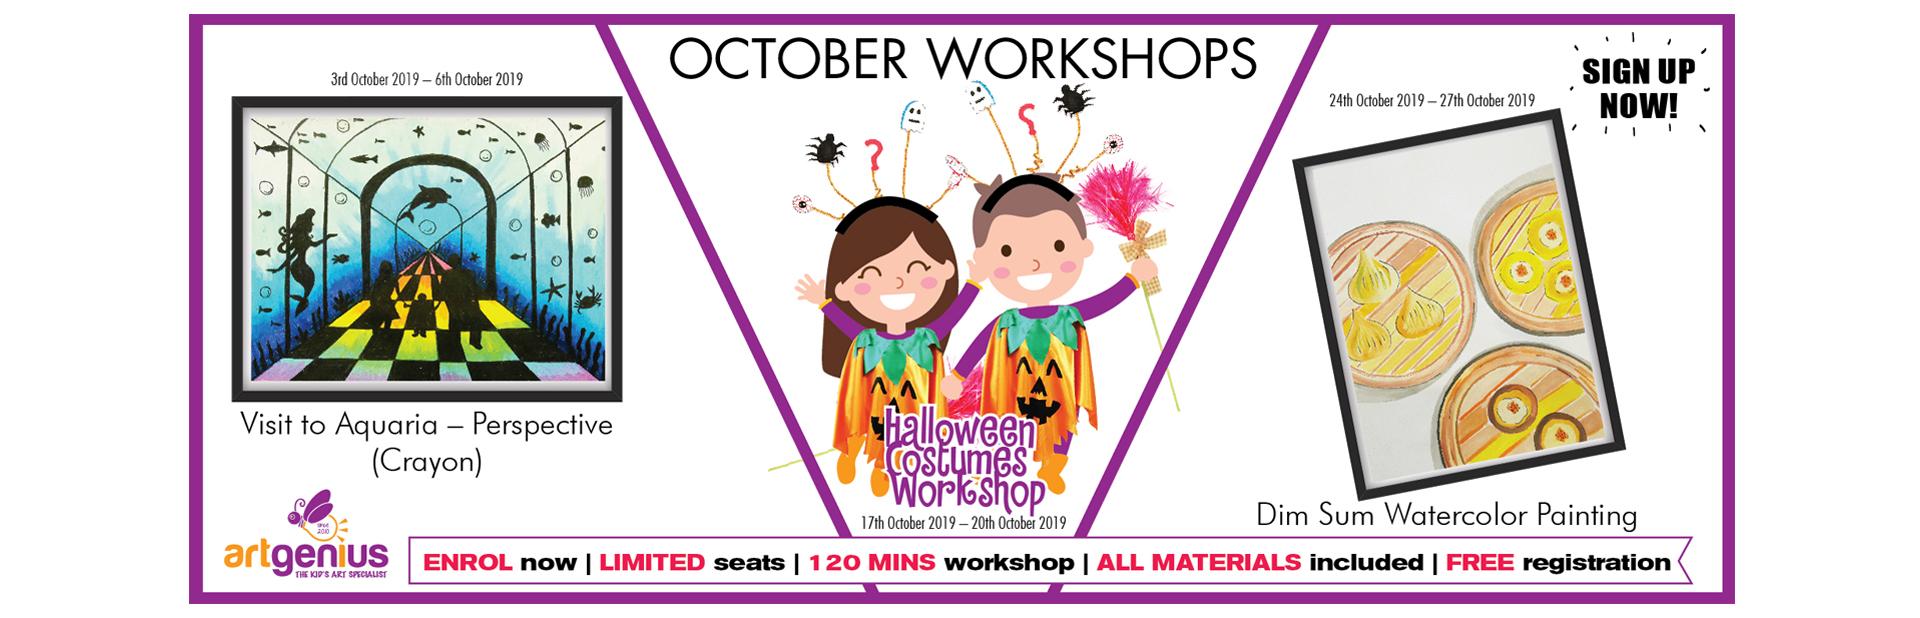 October-workshops-2019-fb-web-banner